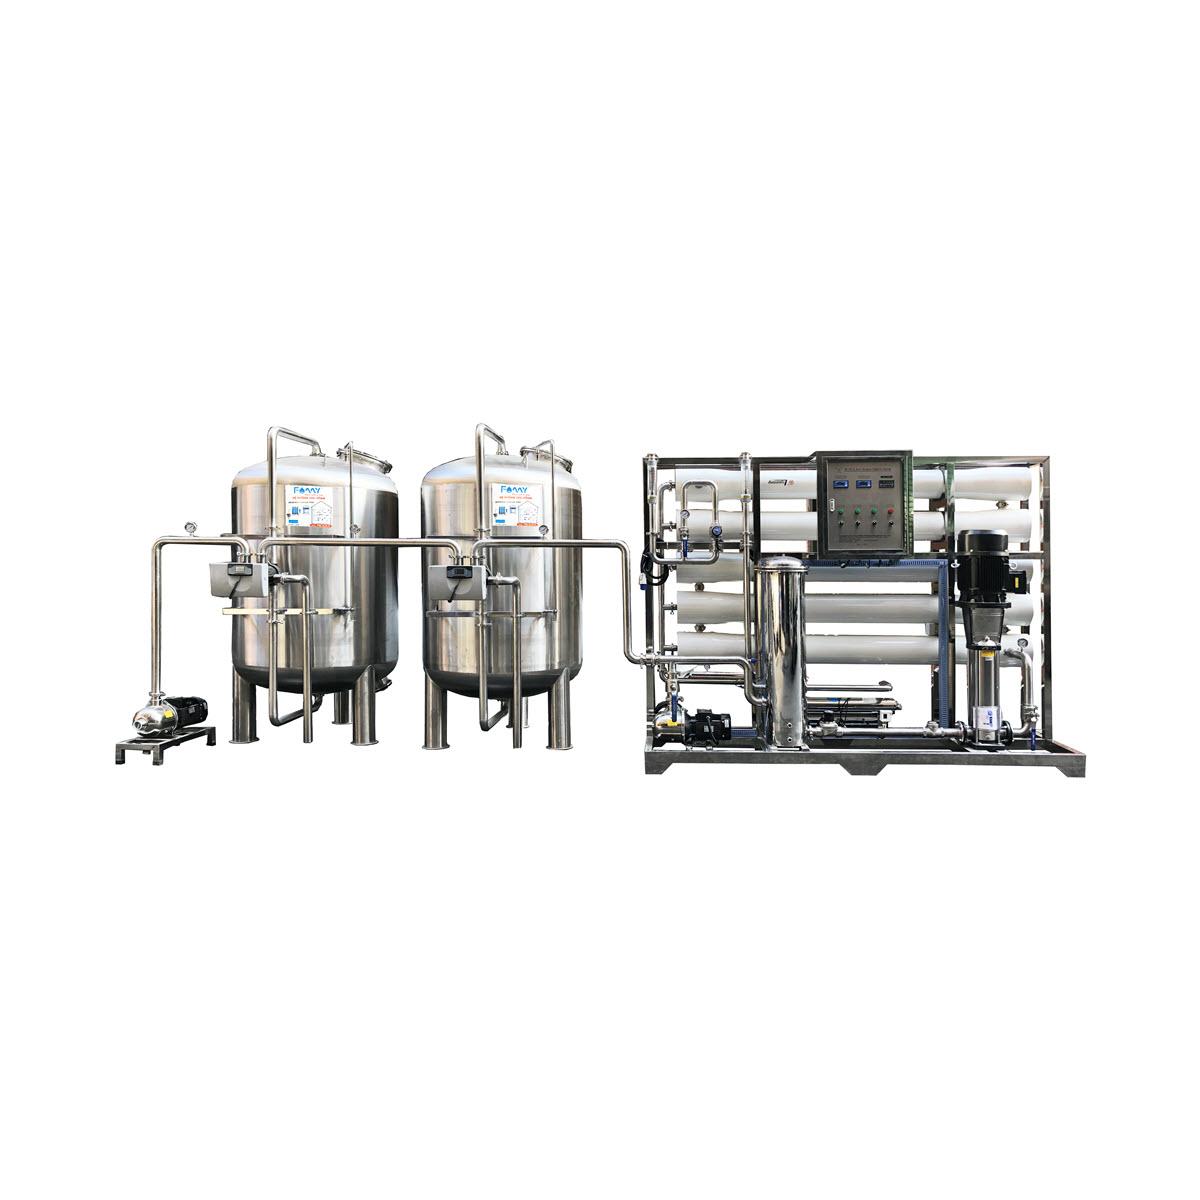 Máy lọc nước công nghiệp 10.000 lít/giờ